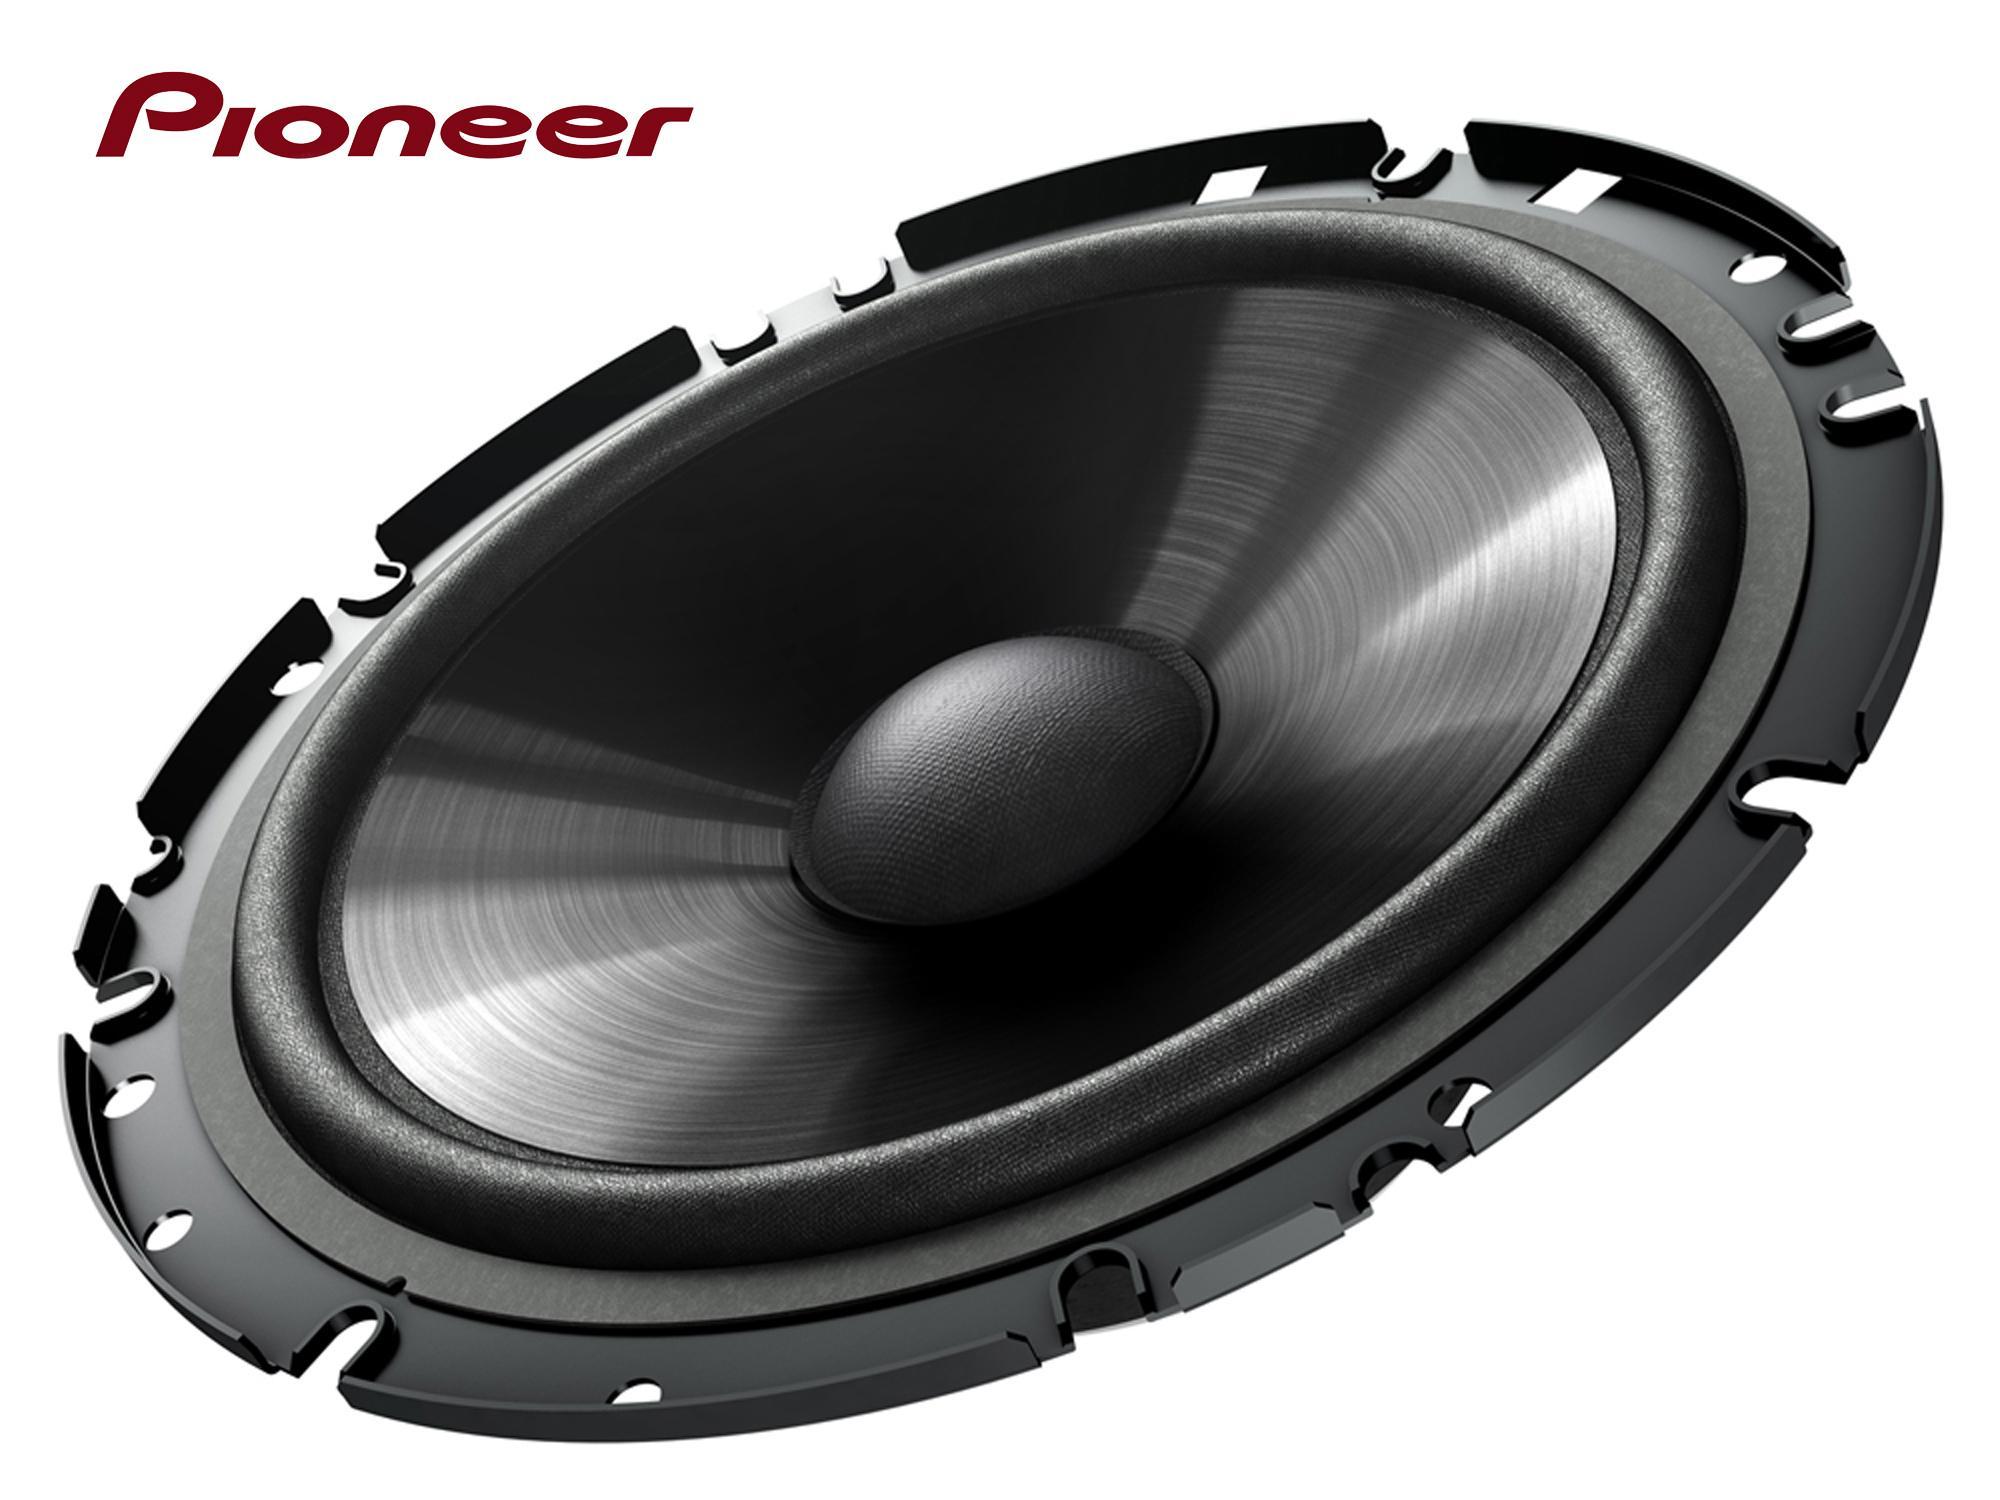 haut parleur pioneer ts g1323i 2 haut parleurs coaxiaux 3 voies. Black Bedroom Furniture Sets. Home Design Ideas